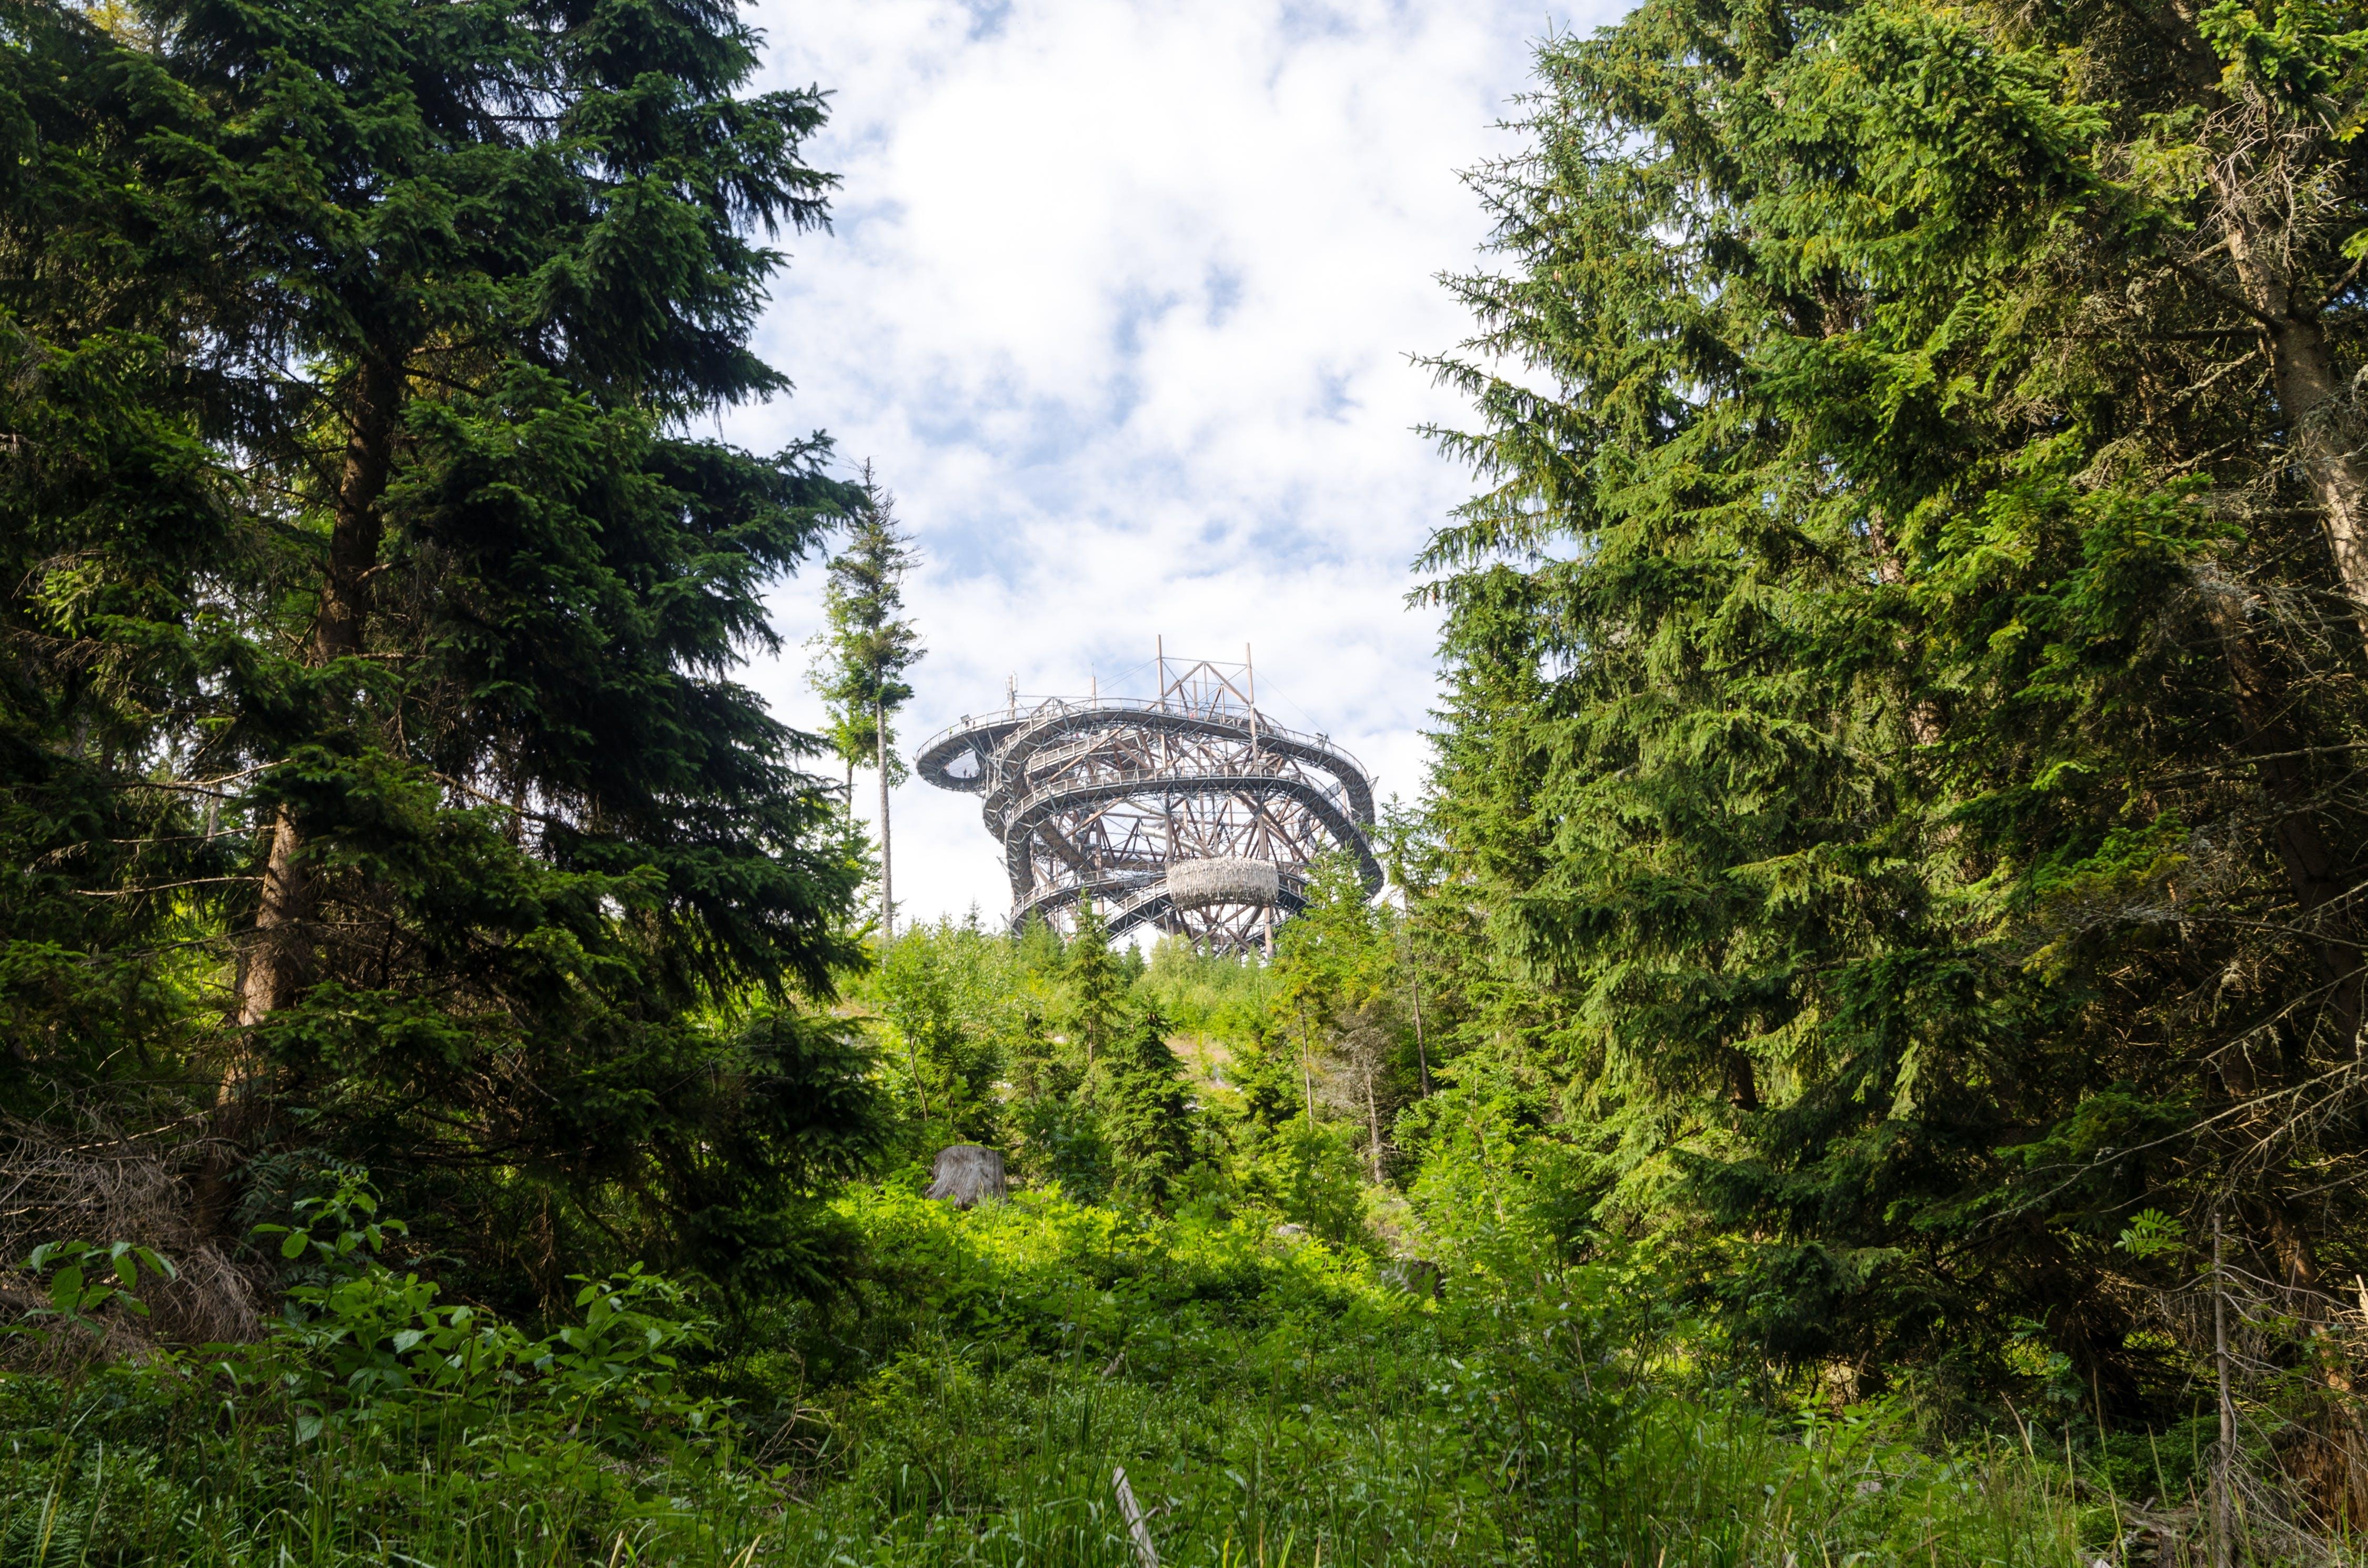 Forest Beside Amusement Park